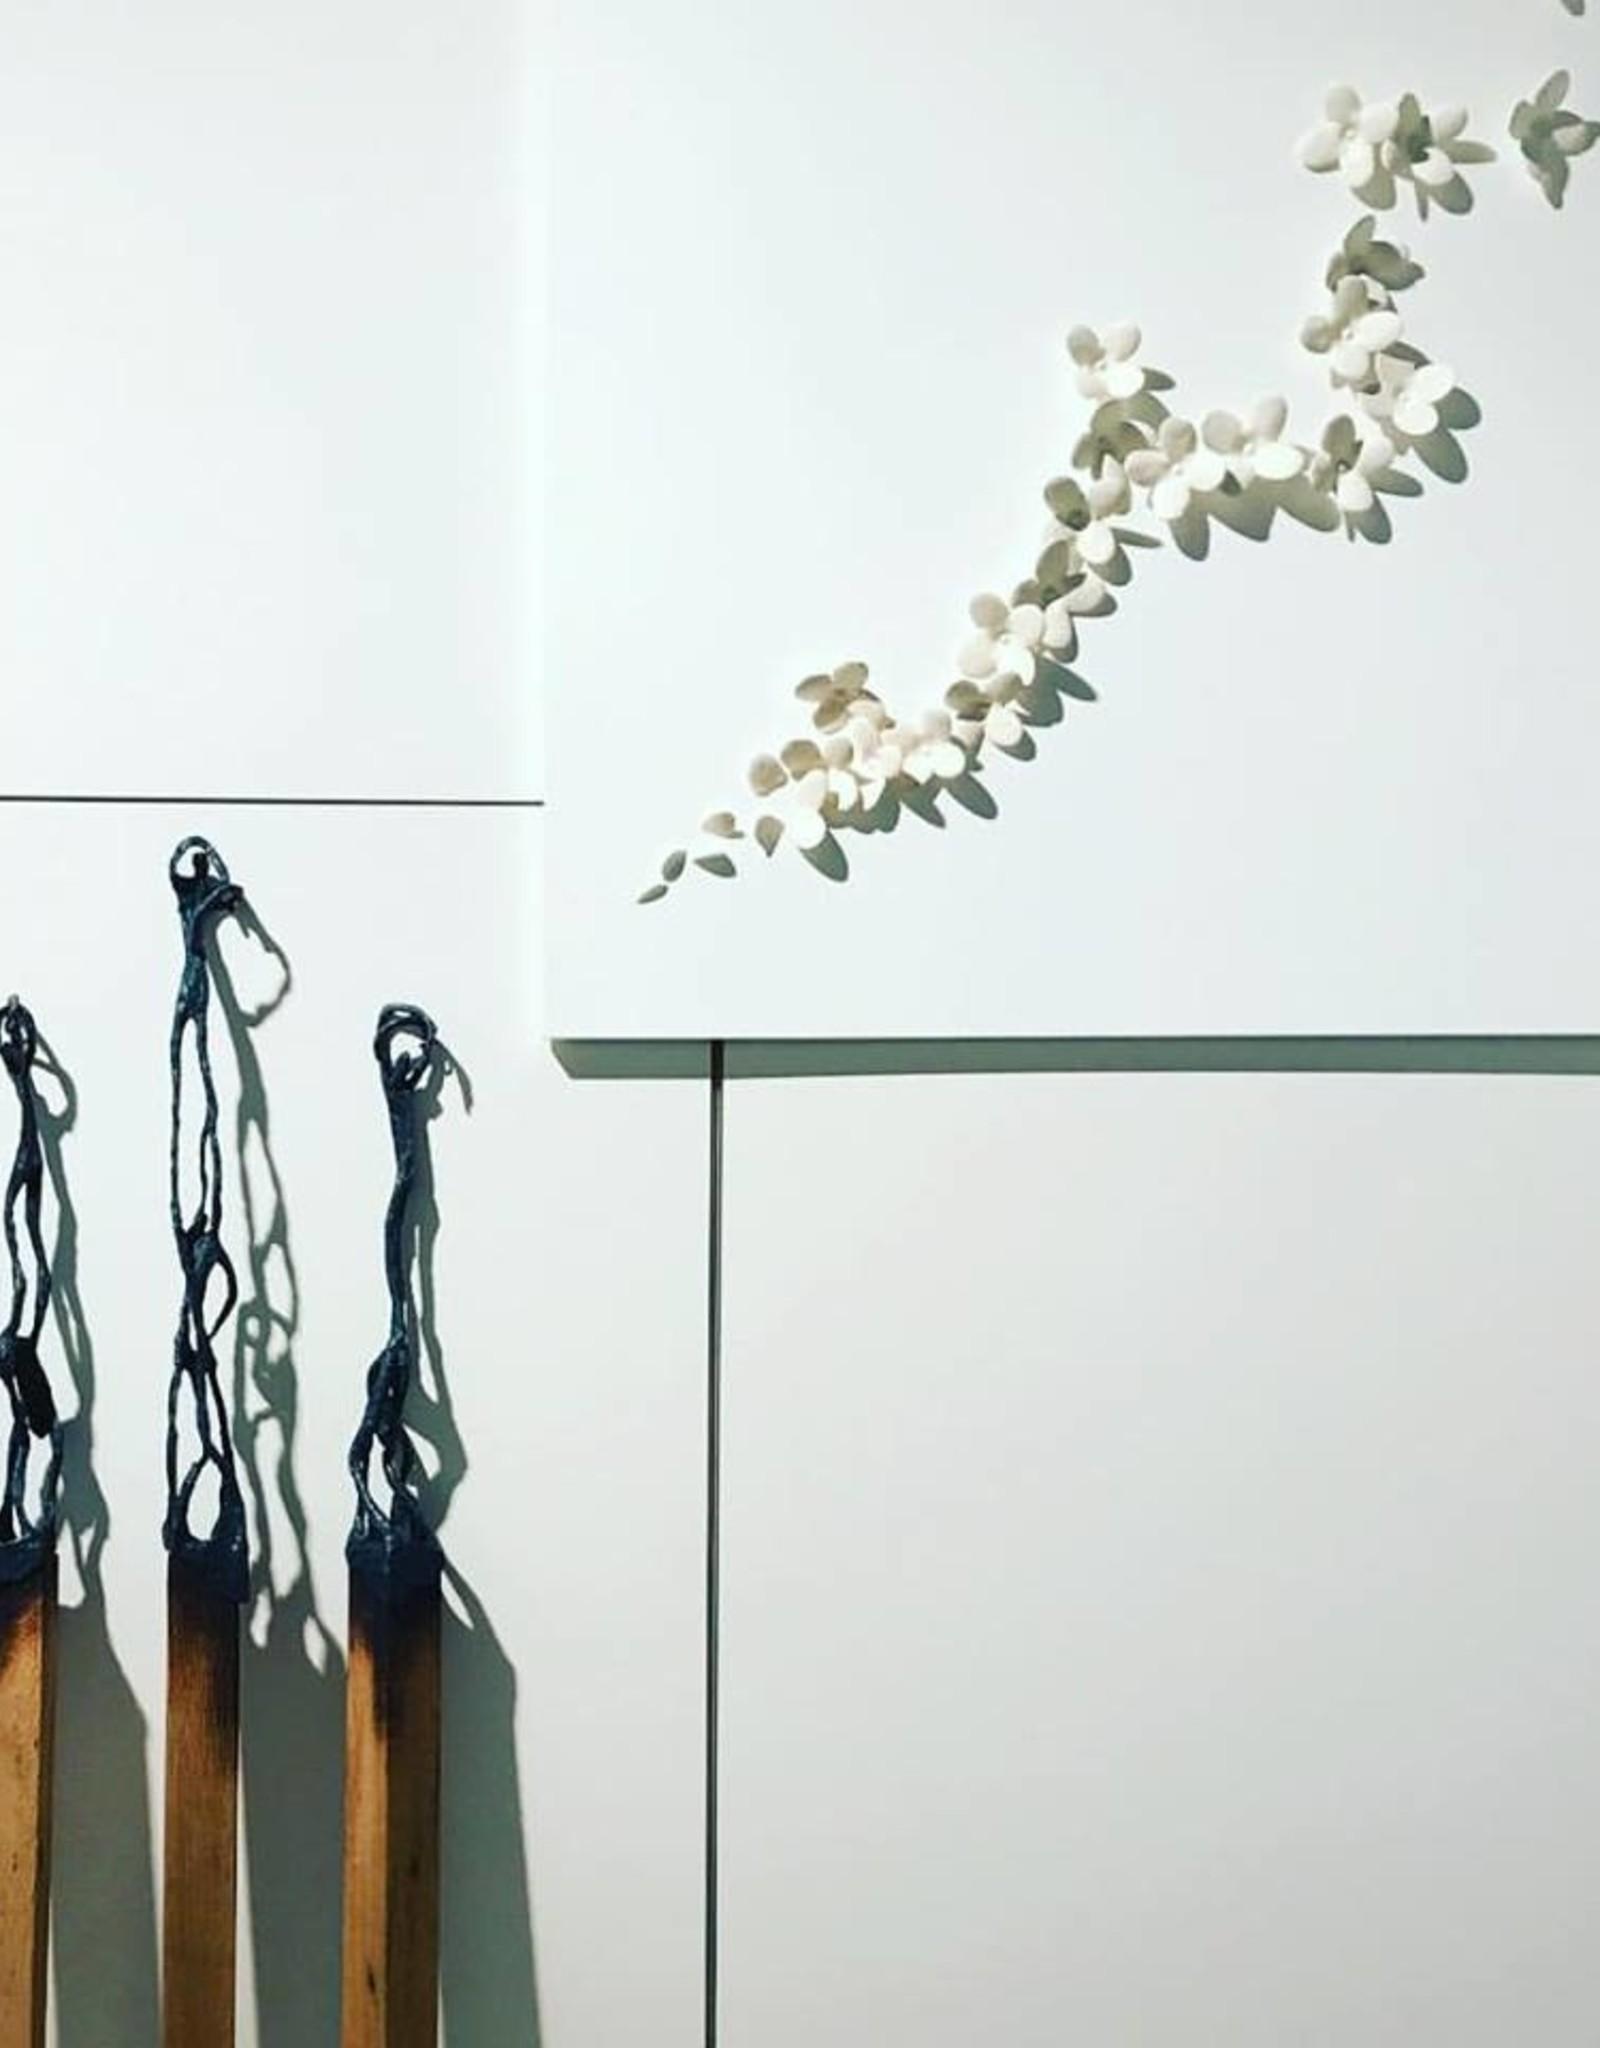 ANN VRIELINCK LUCIFER TO STIMULATE - BRONZEN BEELD